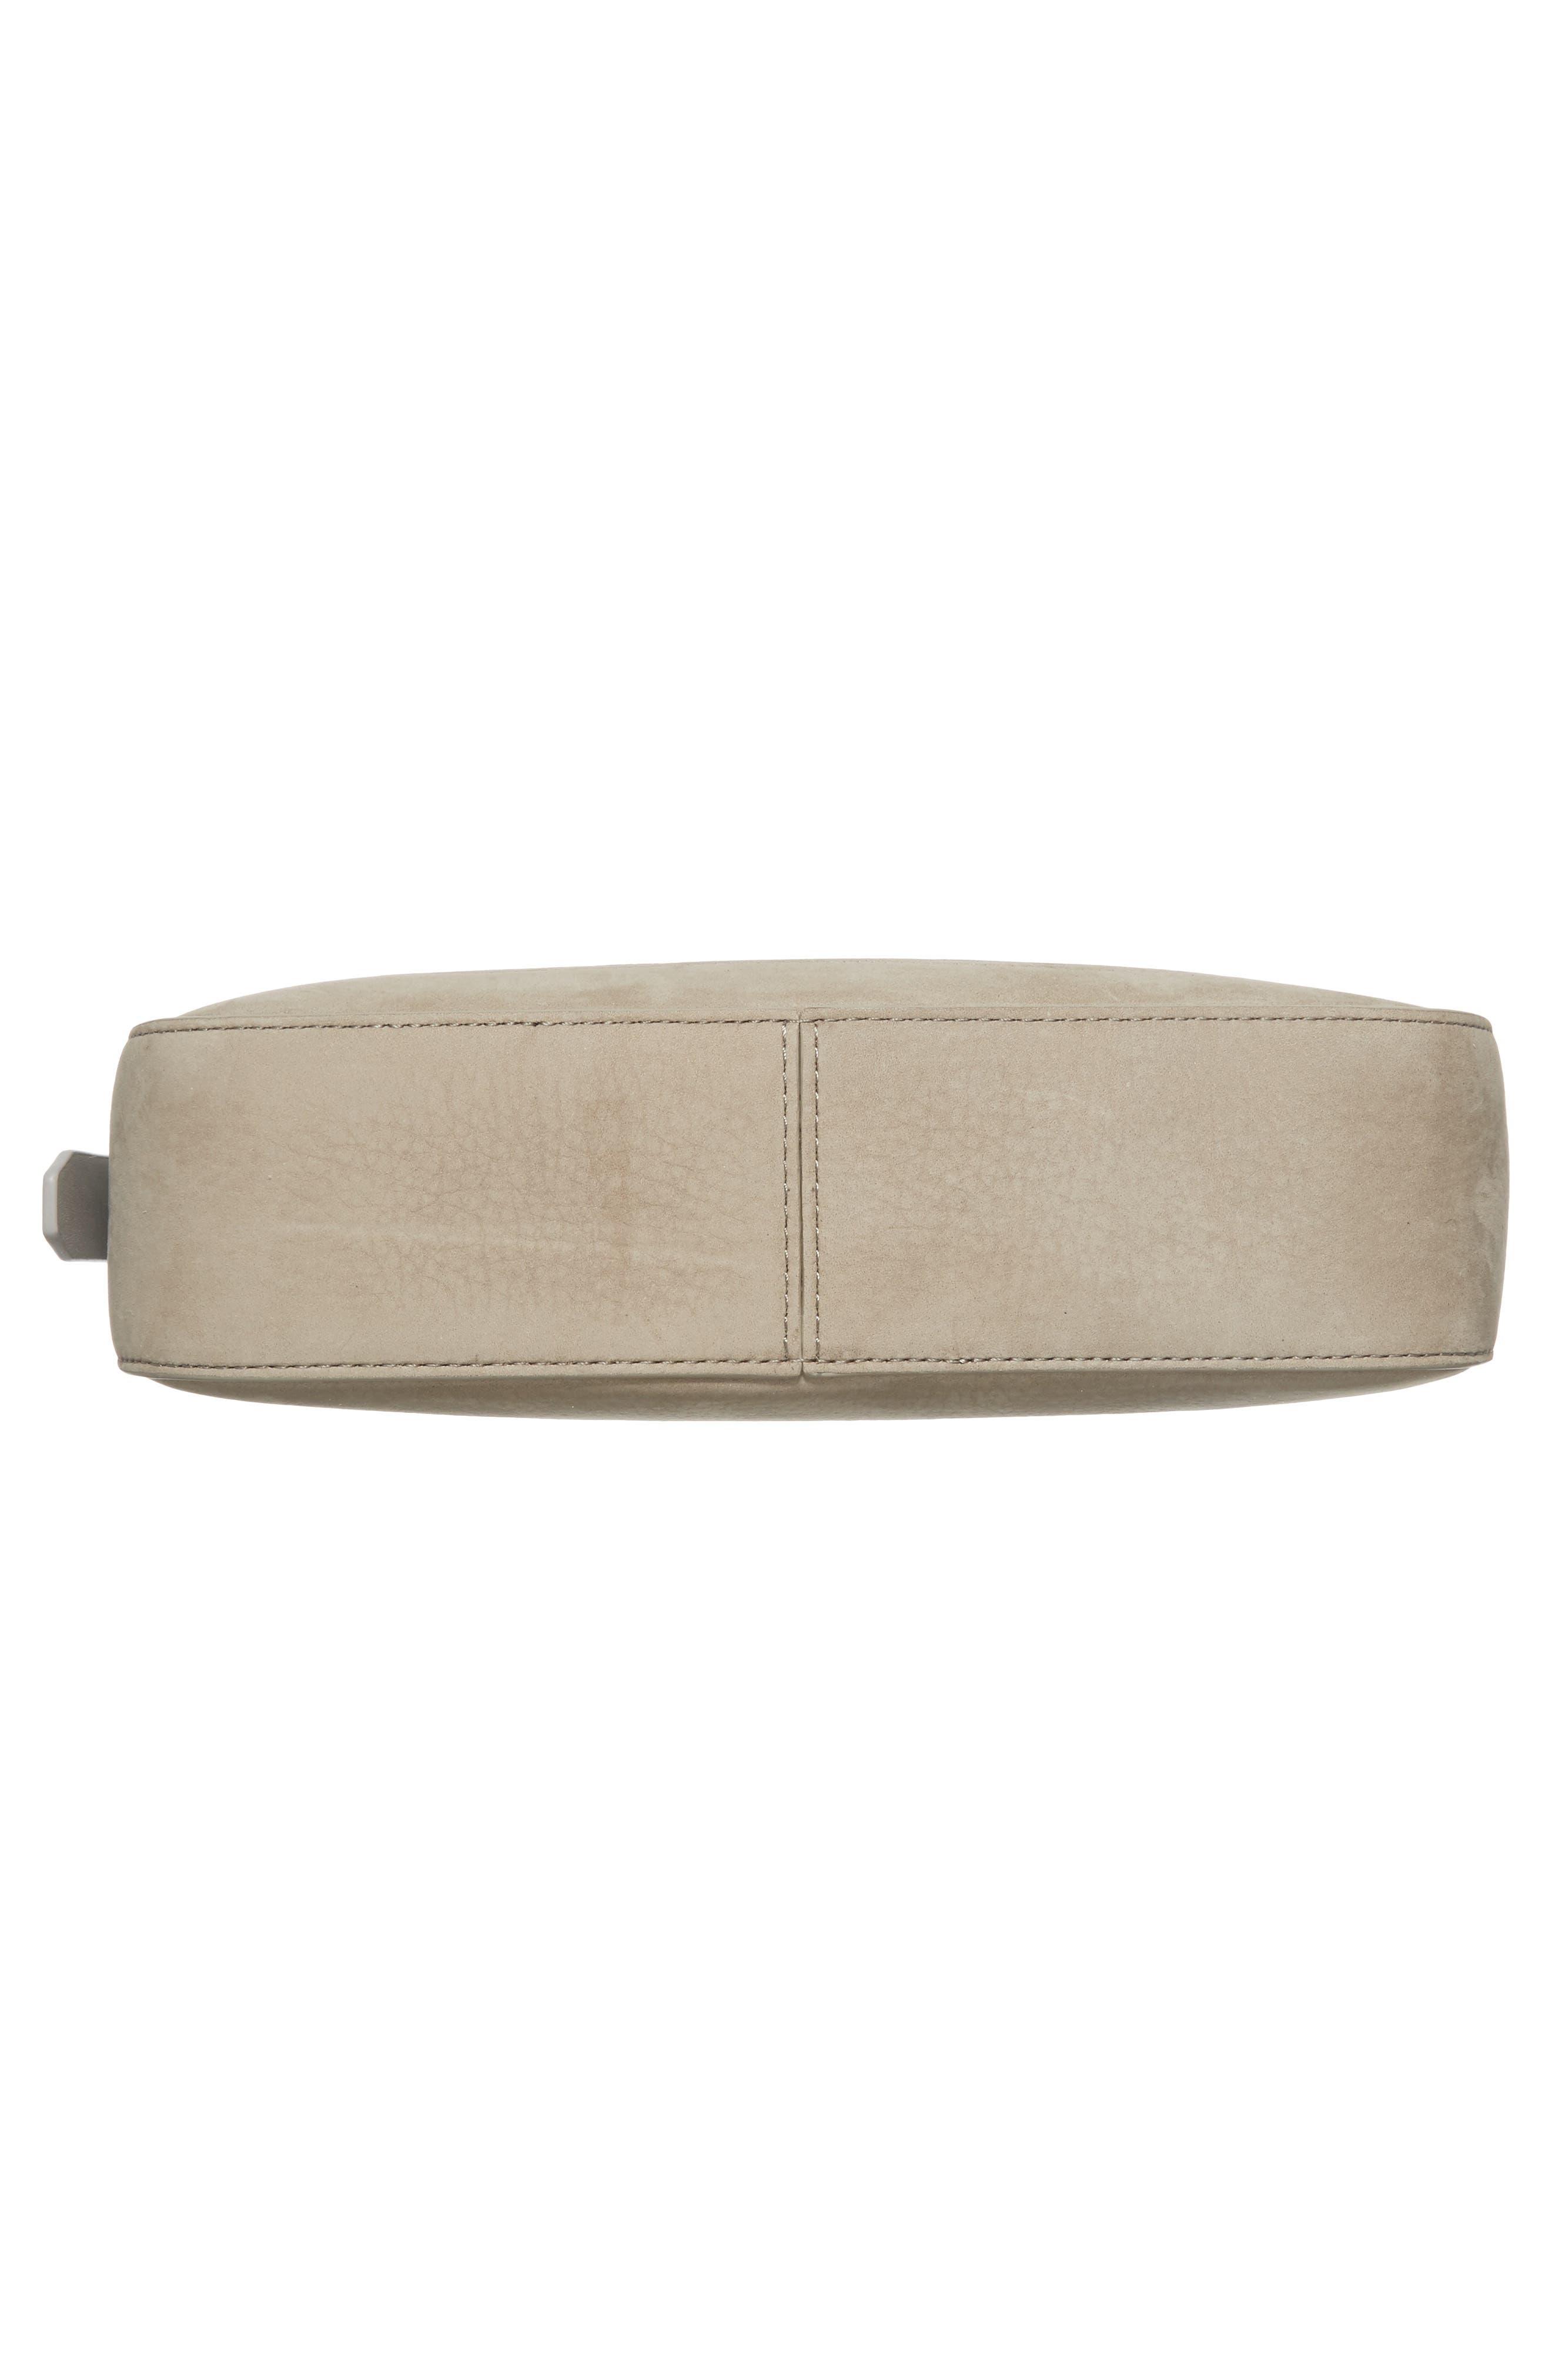 Cooper Nubuck Leather Shoulder Bag,                             Alternate thumbnail 7, color,